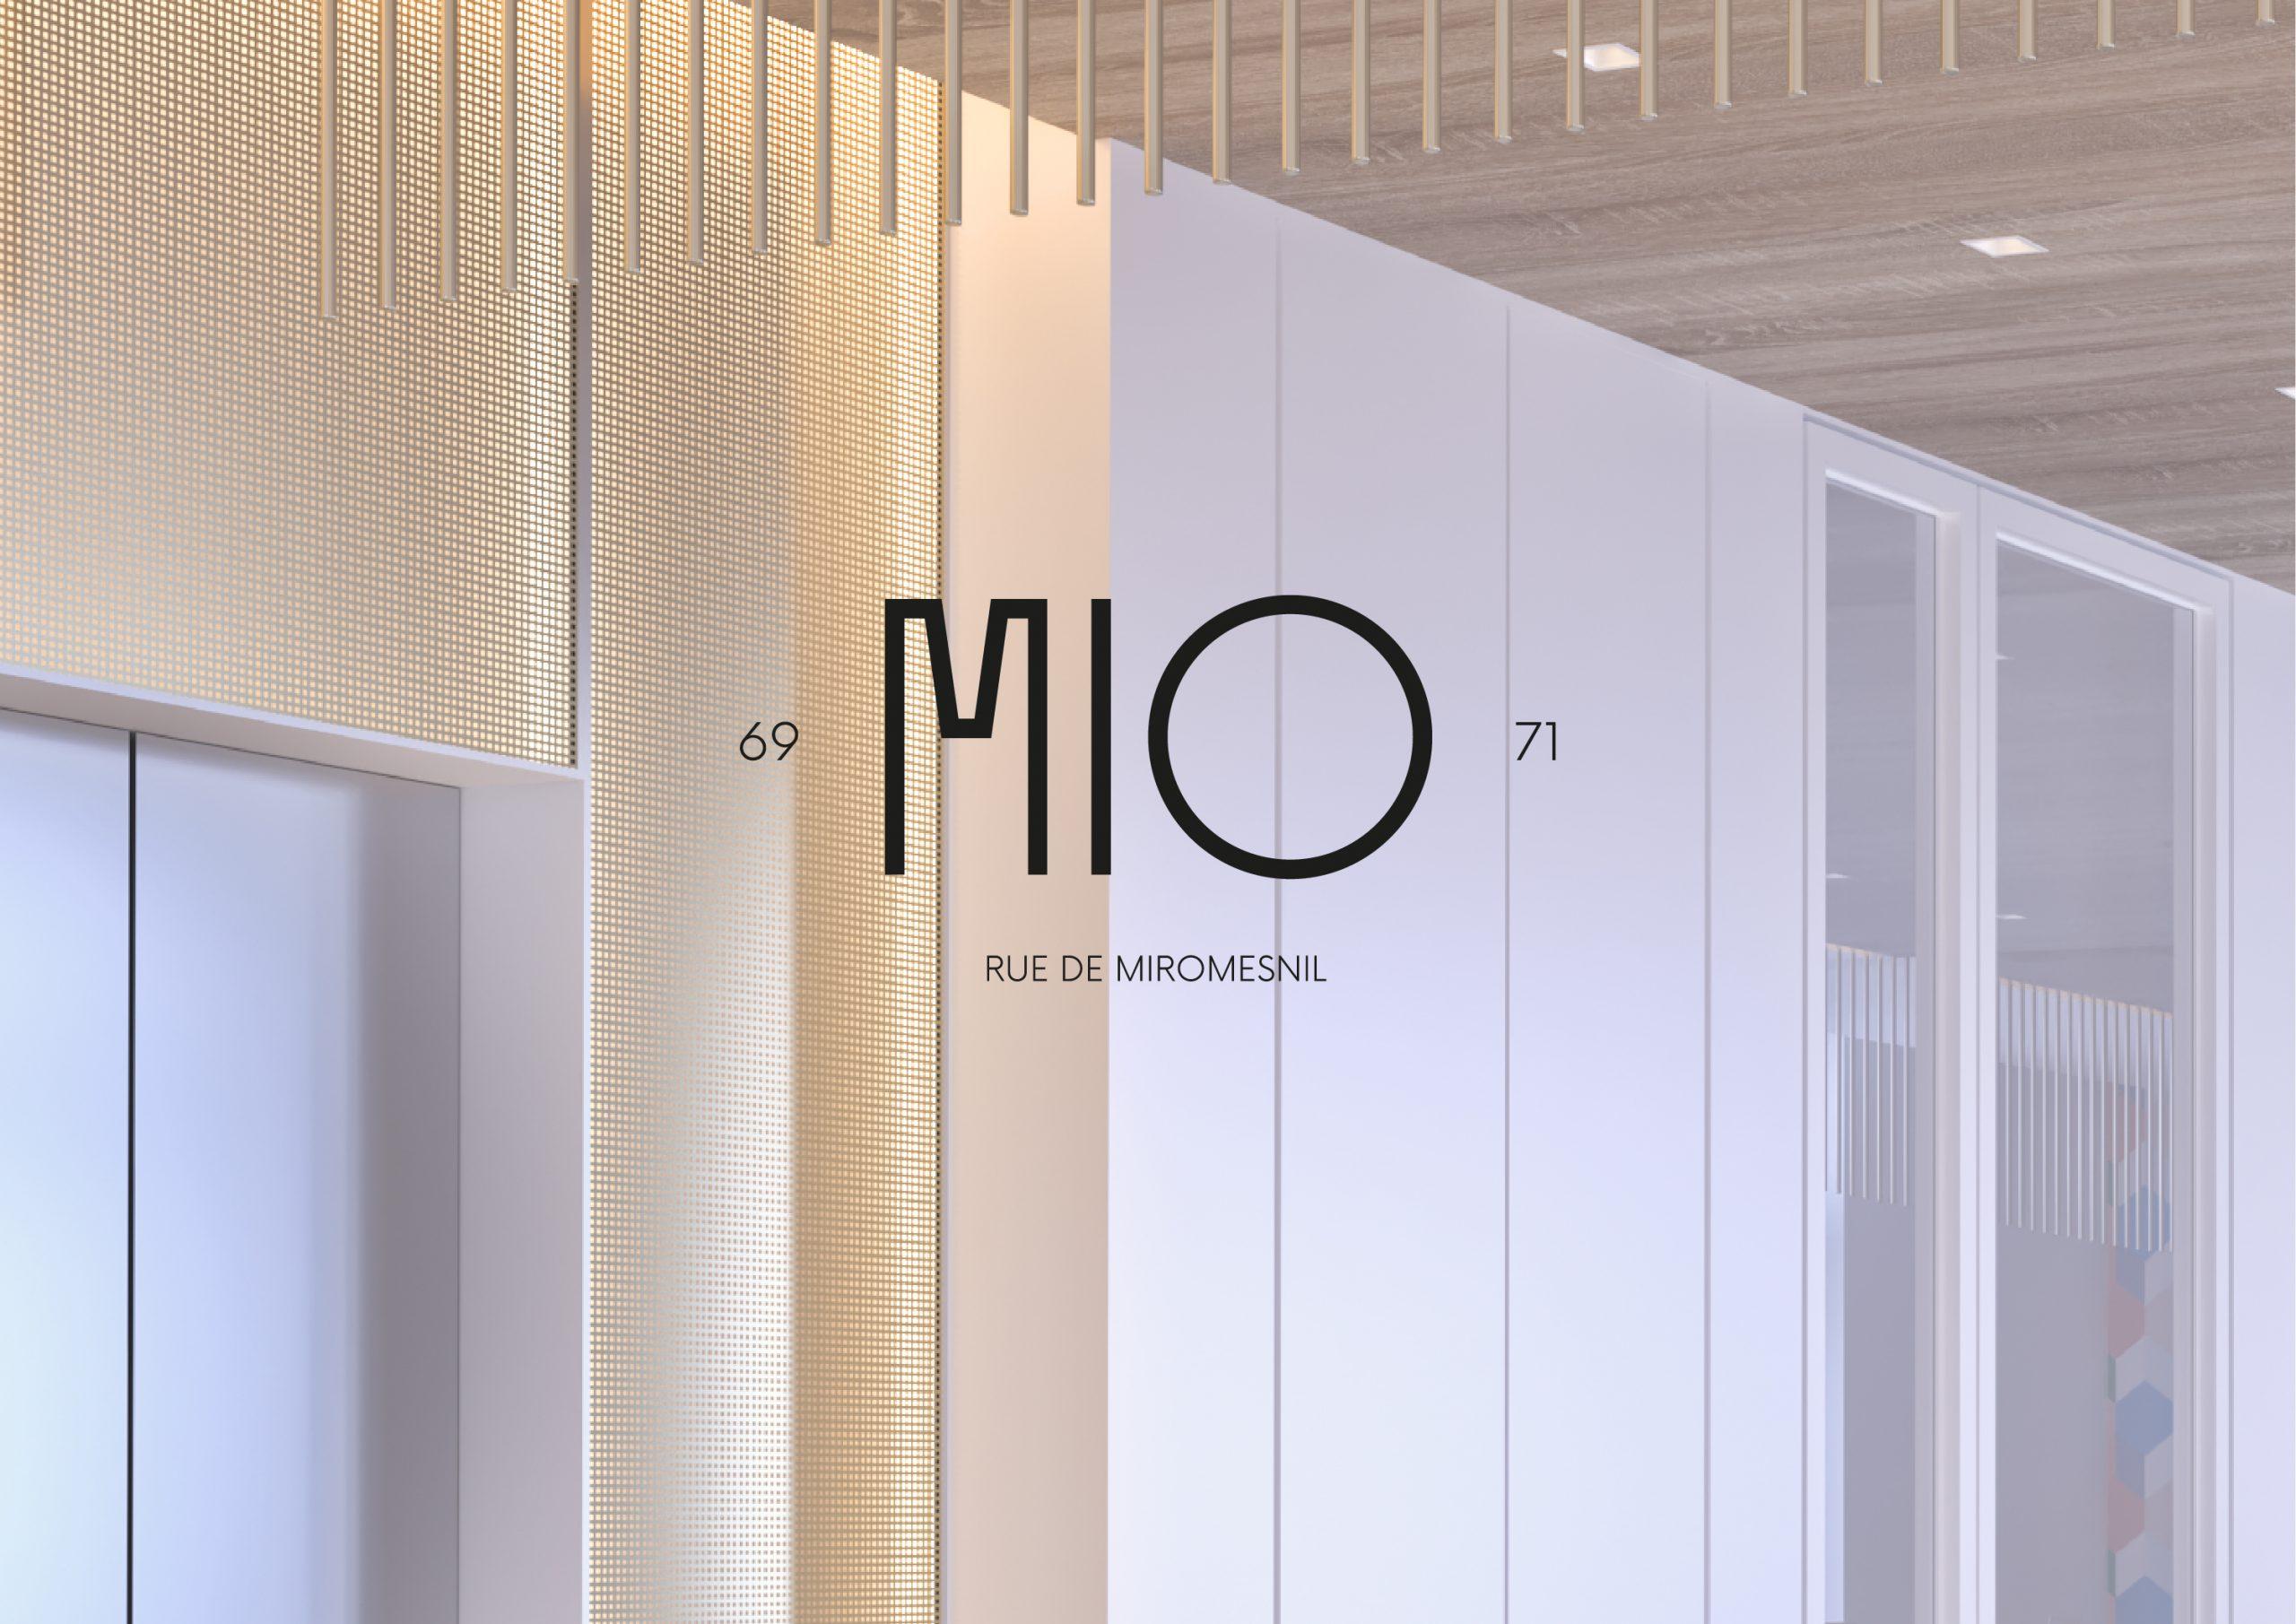 Identité logo MIO rue de miromesnil